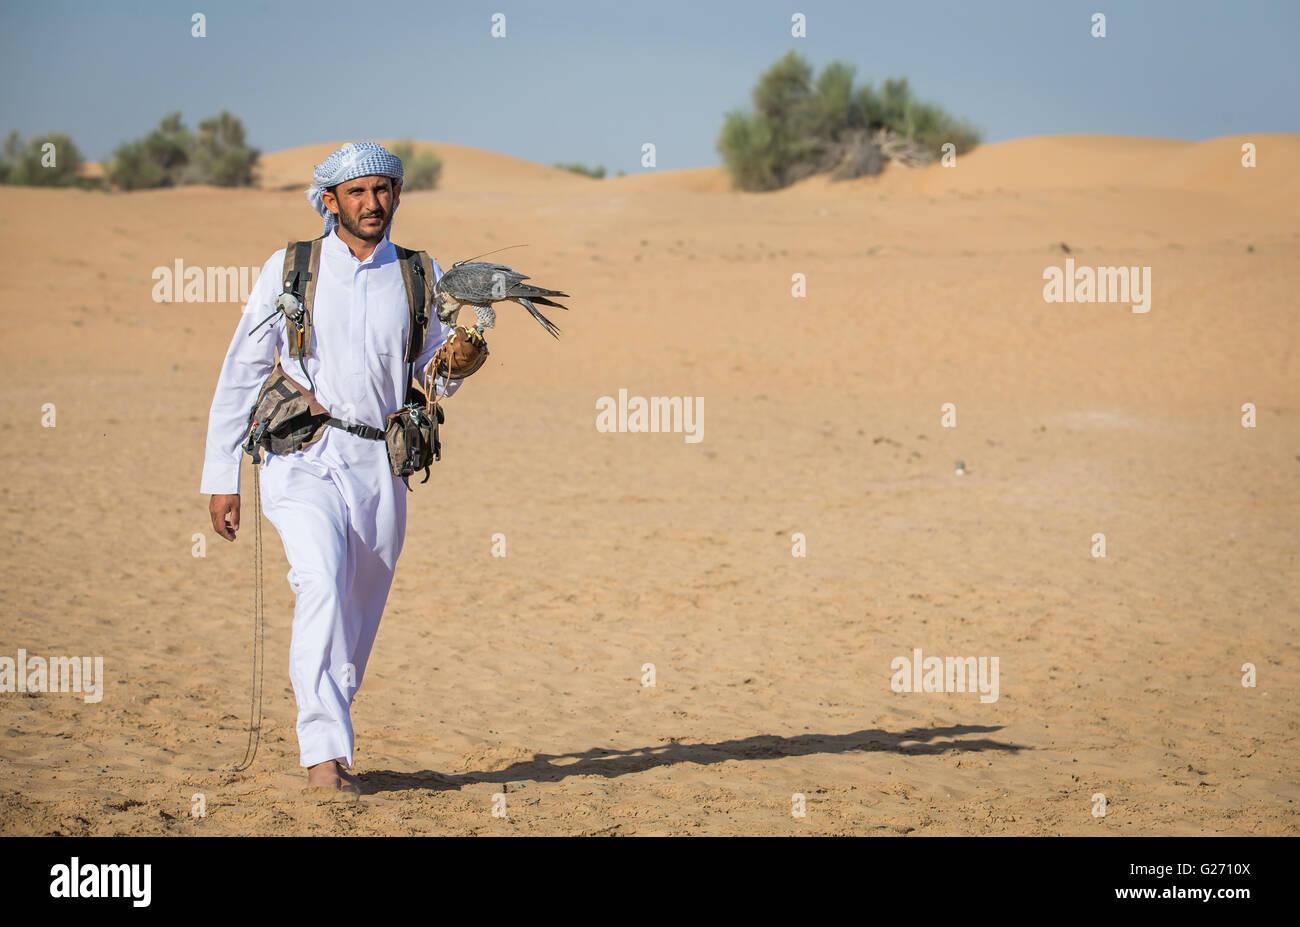 Arabische Mann zu Fuß in einer Wüste in der Nähe von Dubai mit Wanderfalke auf der hand Stockbild